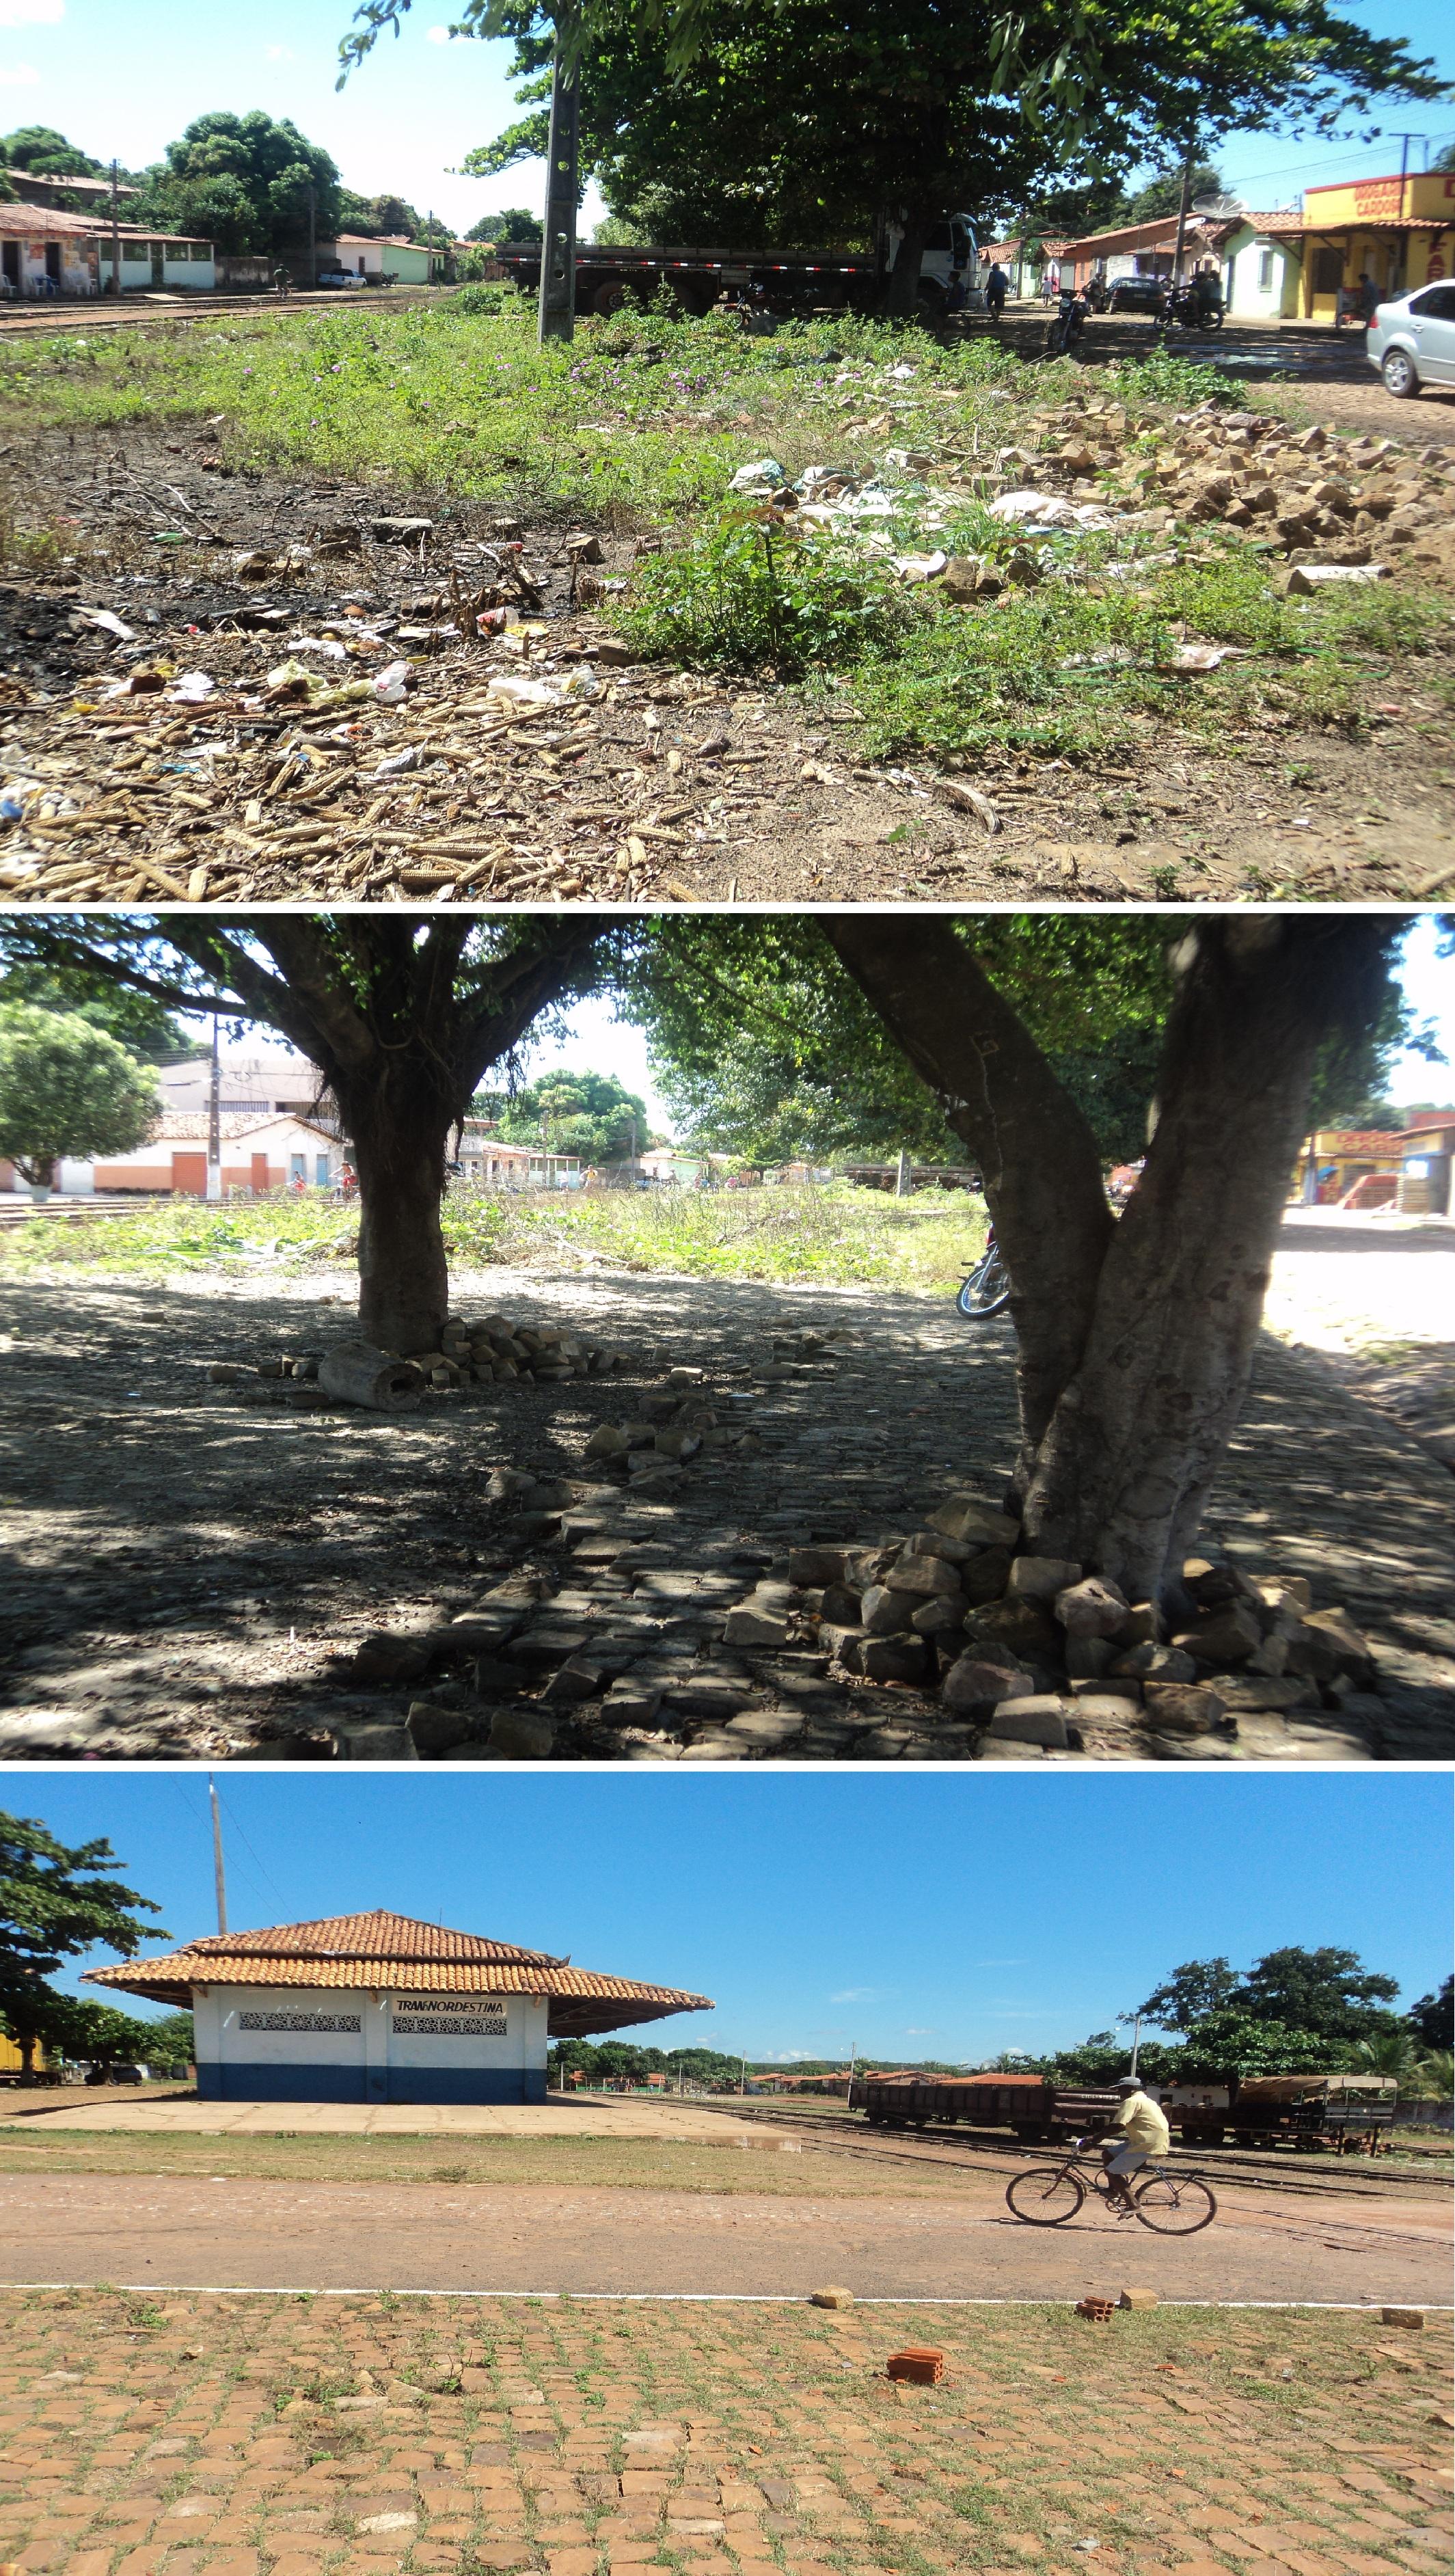 Obra inacabada: Praça dos Ferroviários encontra-se abandonada